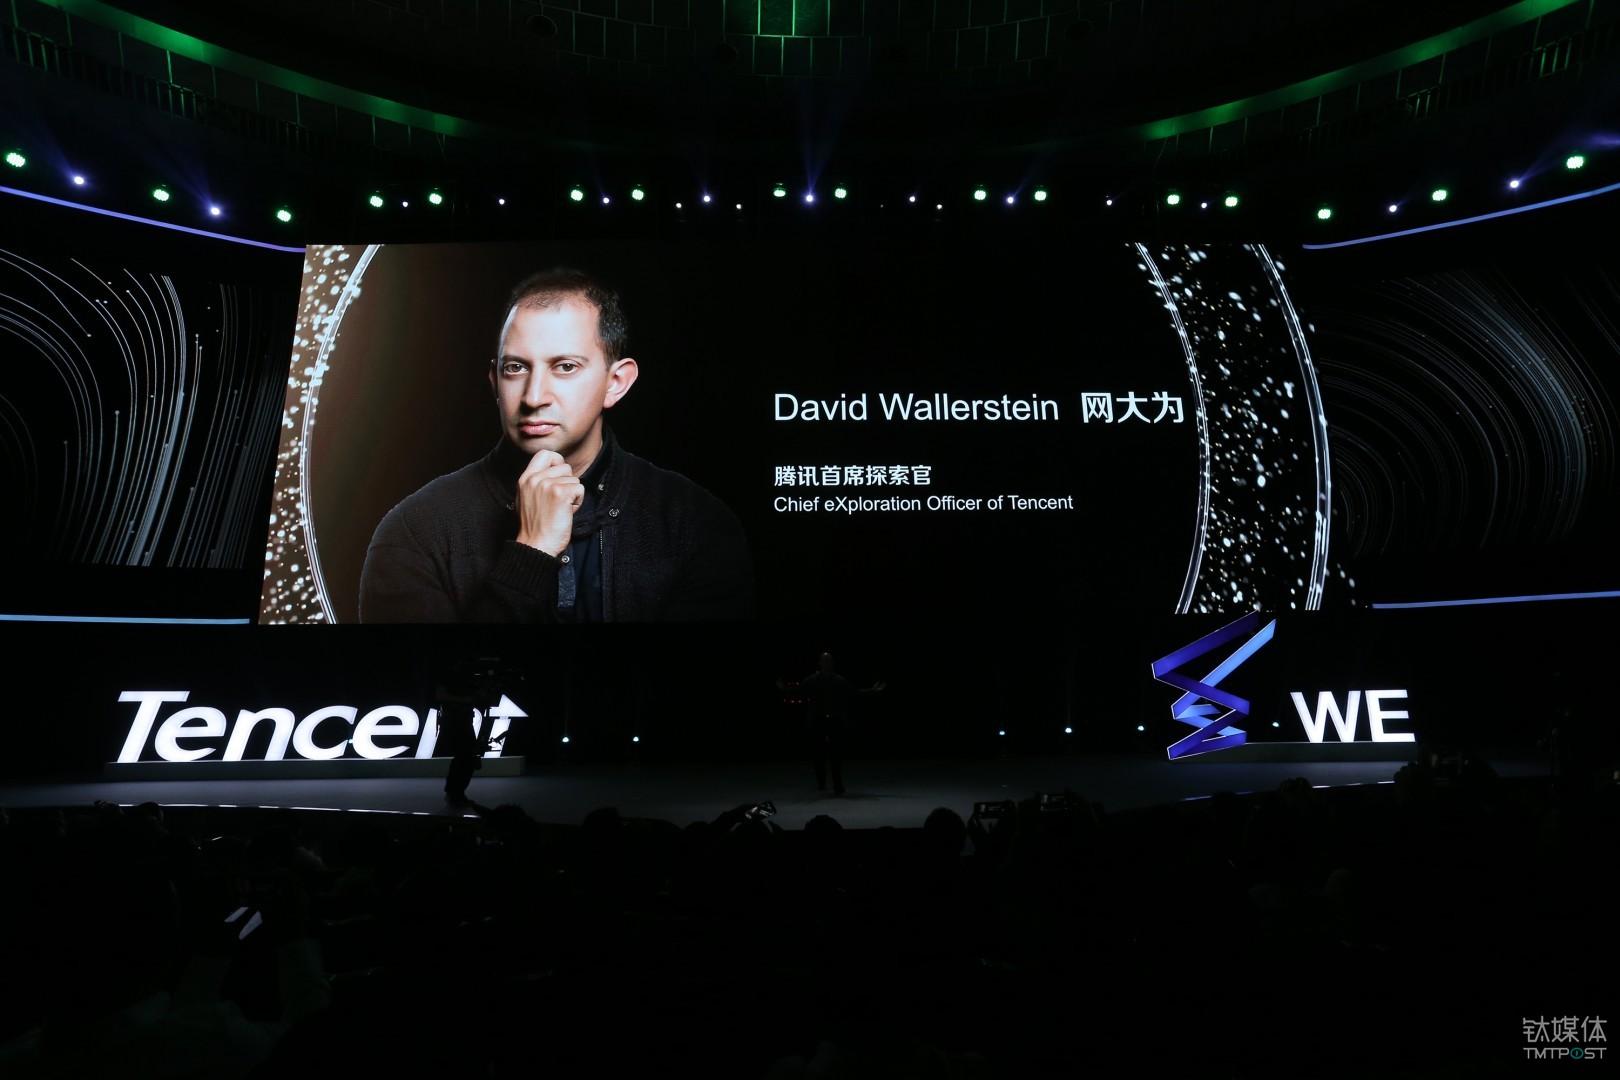 今年是网大为第四次登上腾讯 WE 大会的舞台